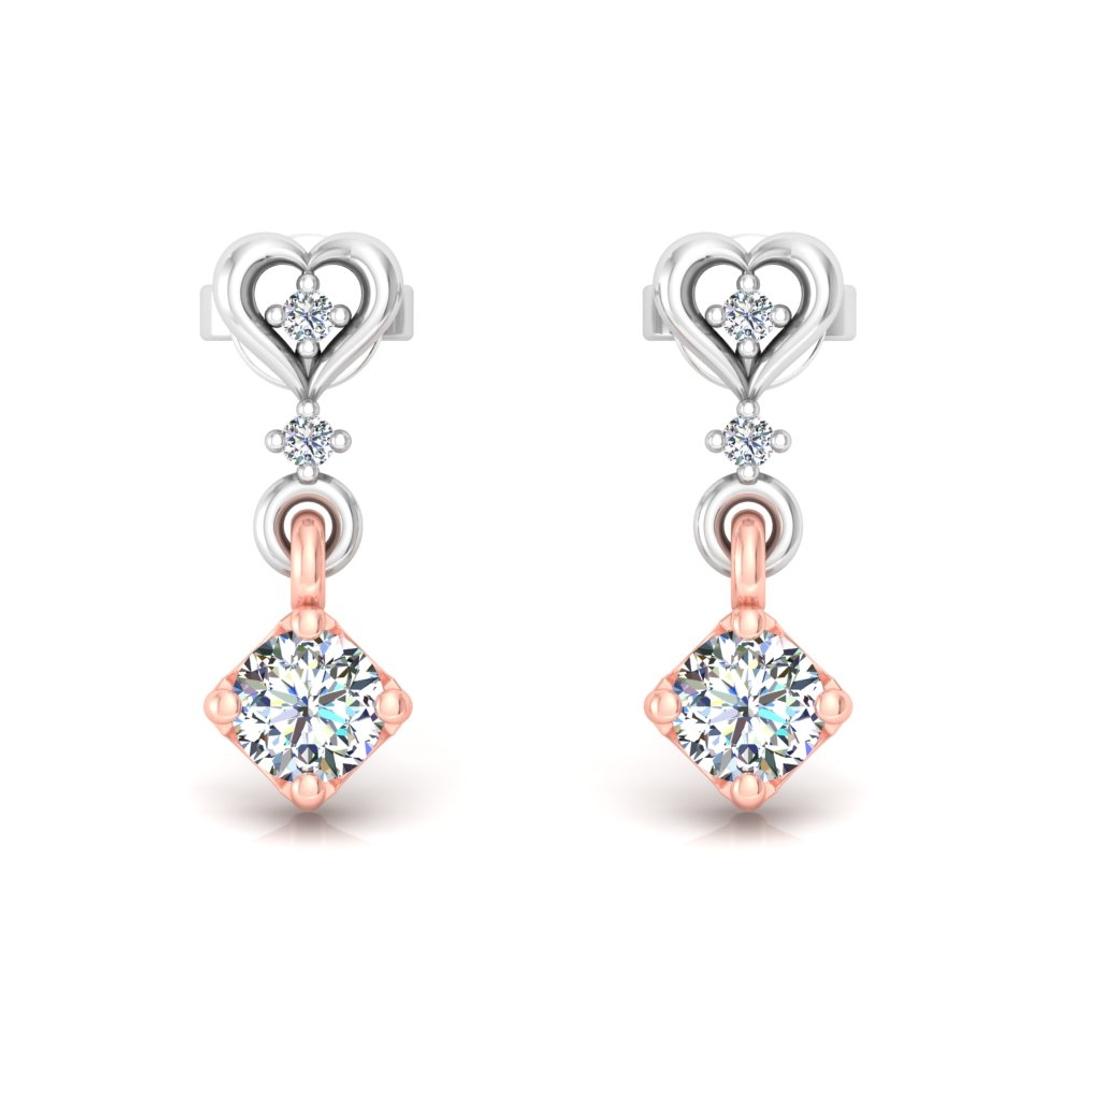 Square held diamond earrings